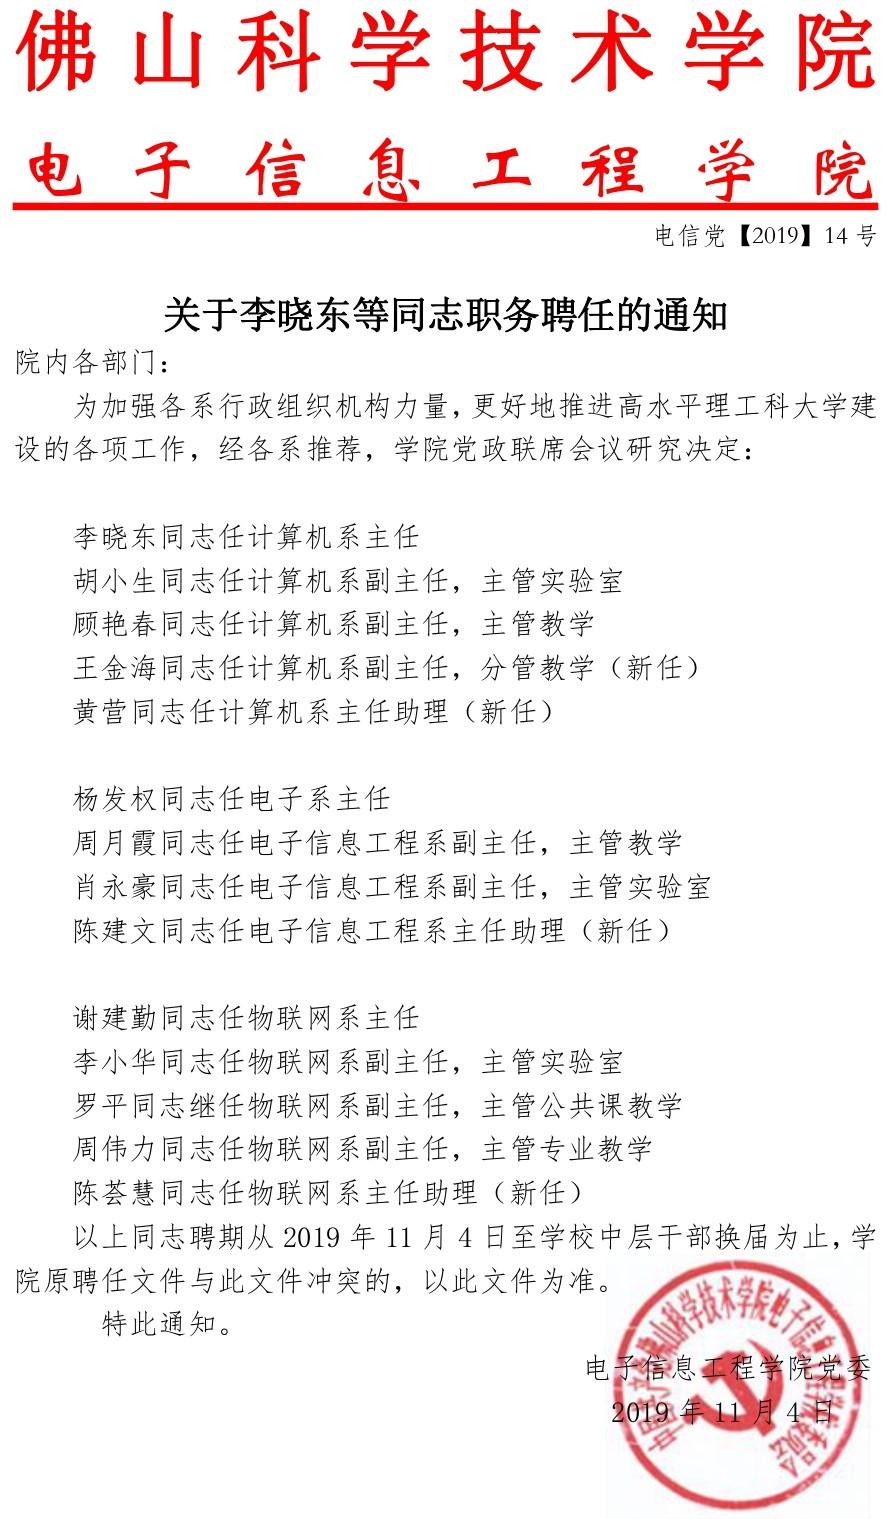 20191104 电子信息工程学院文件(关于李晓东等同志职务聘任的通知 14号)_page-0001